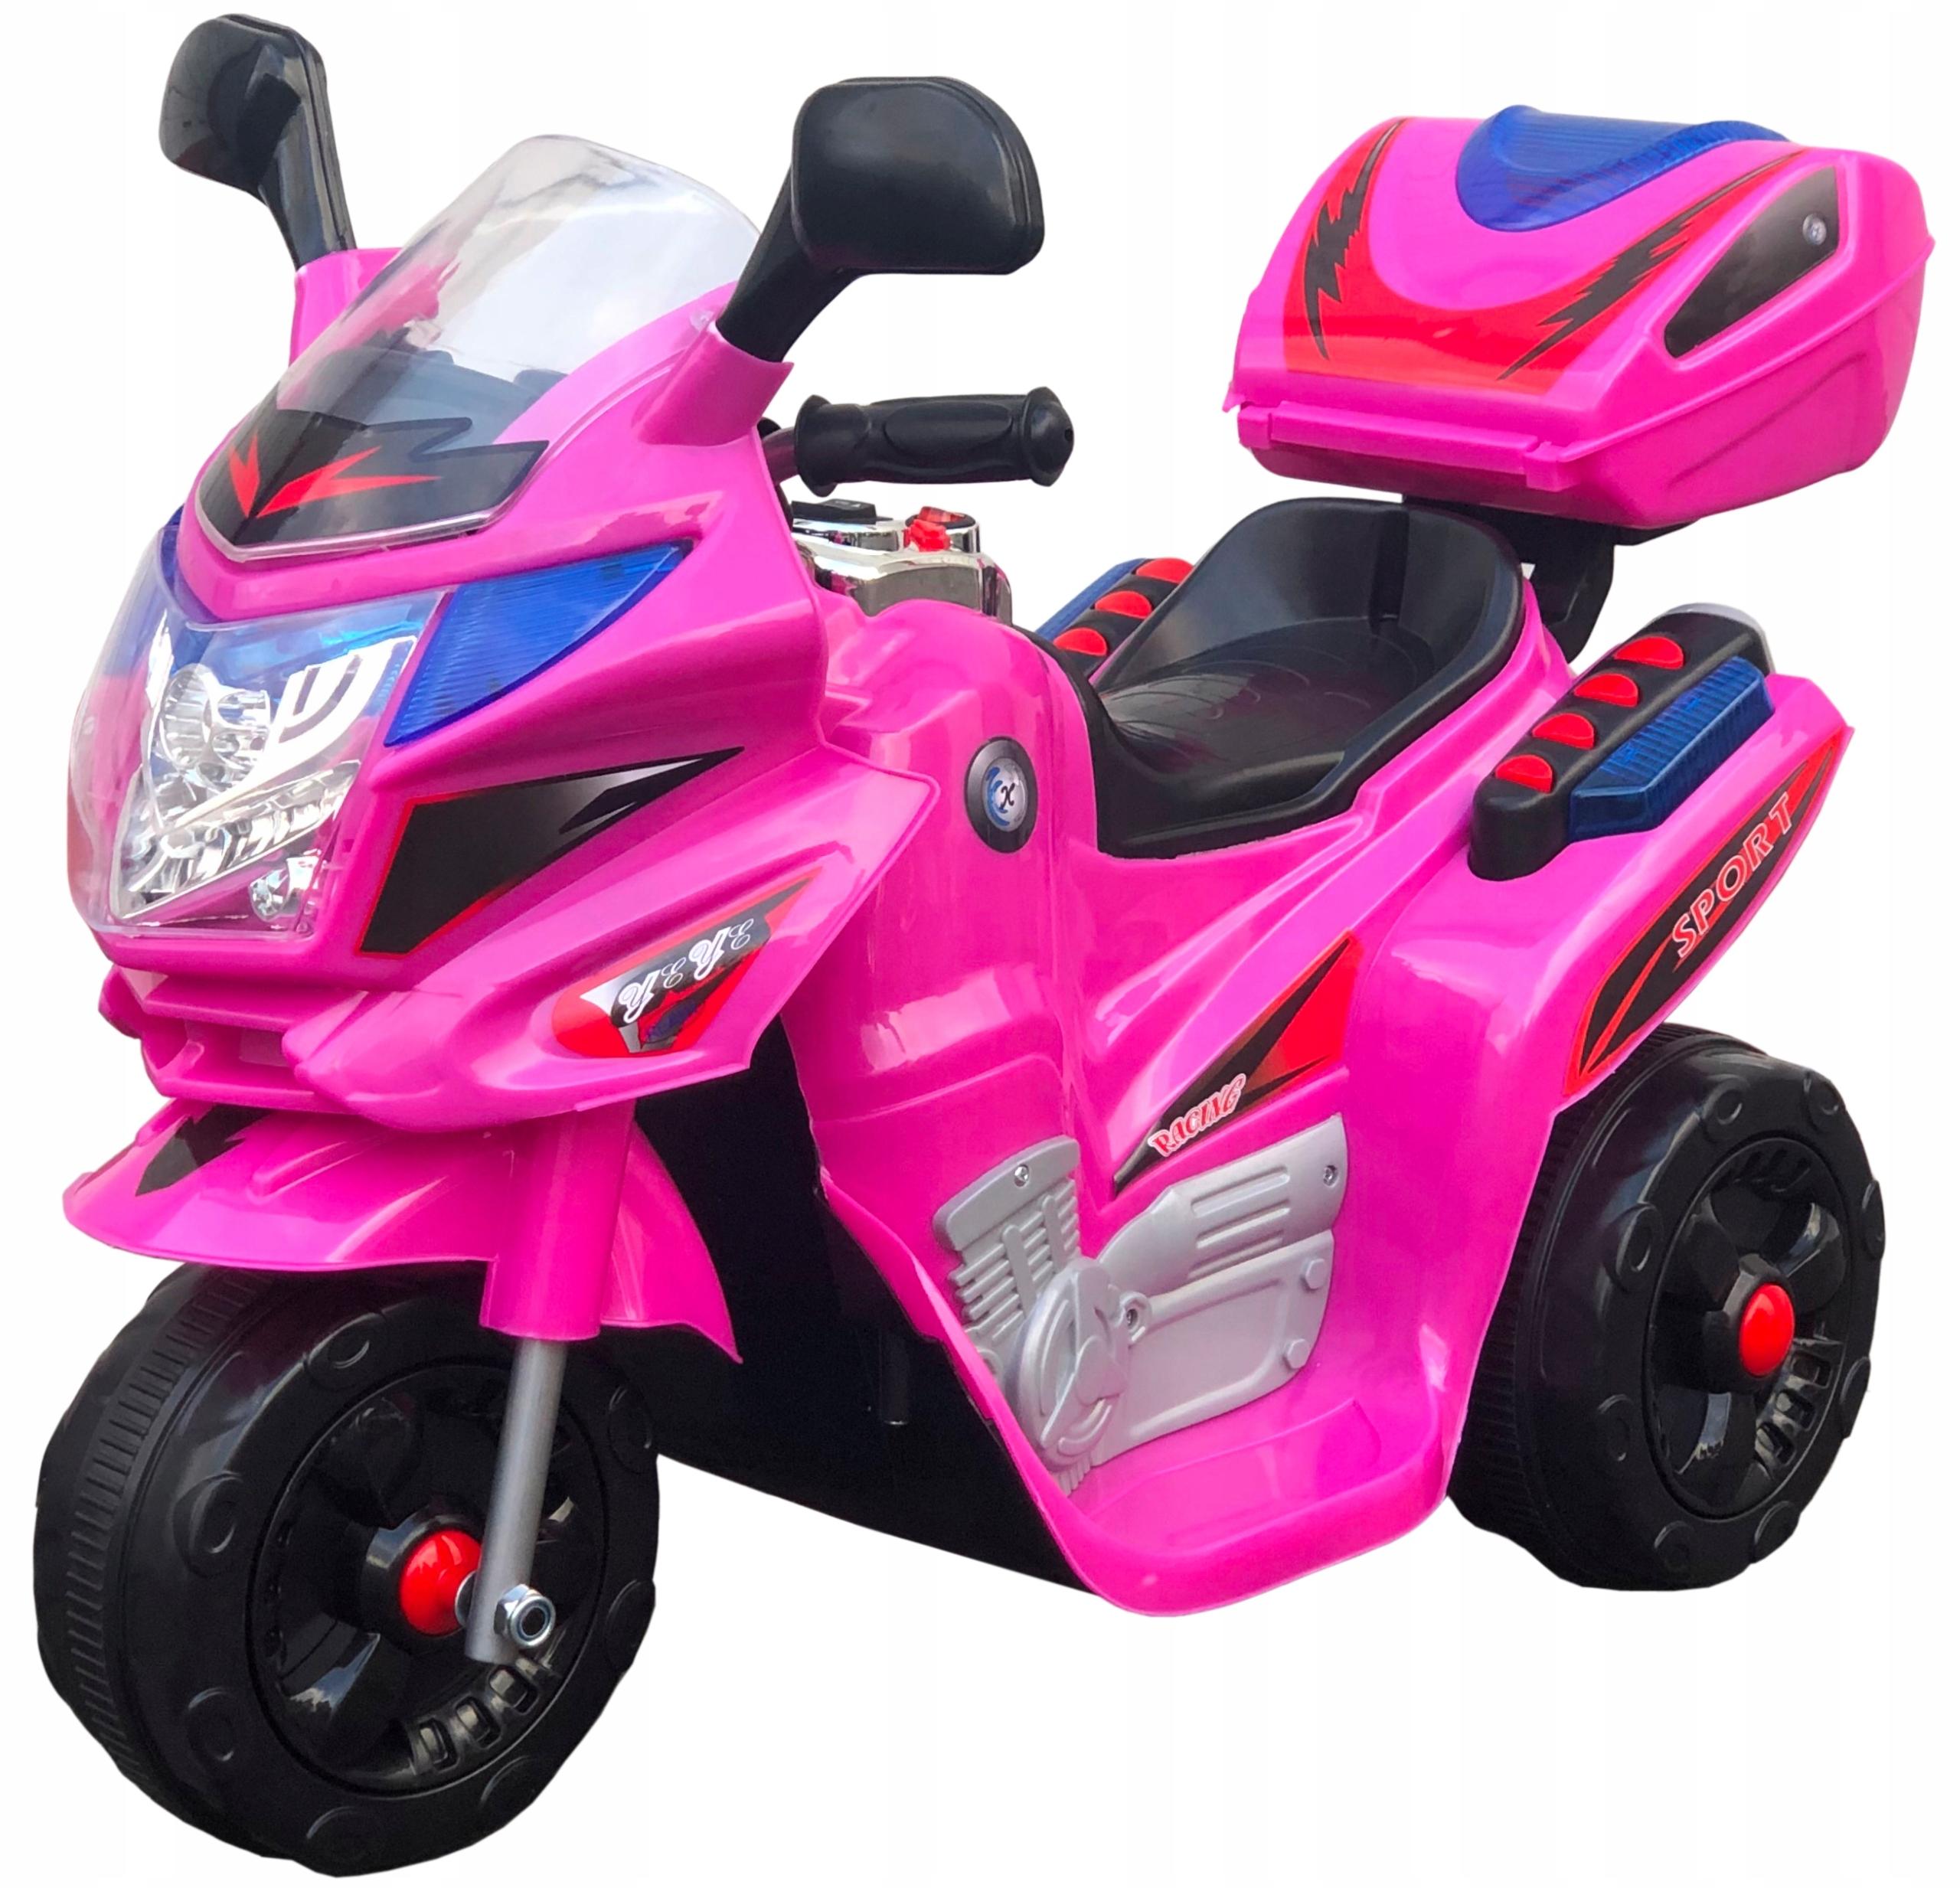 ŚCIGACZ MOTOR MOTOREK NA AKUMULATOR DLA DZIECI